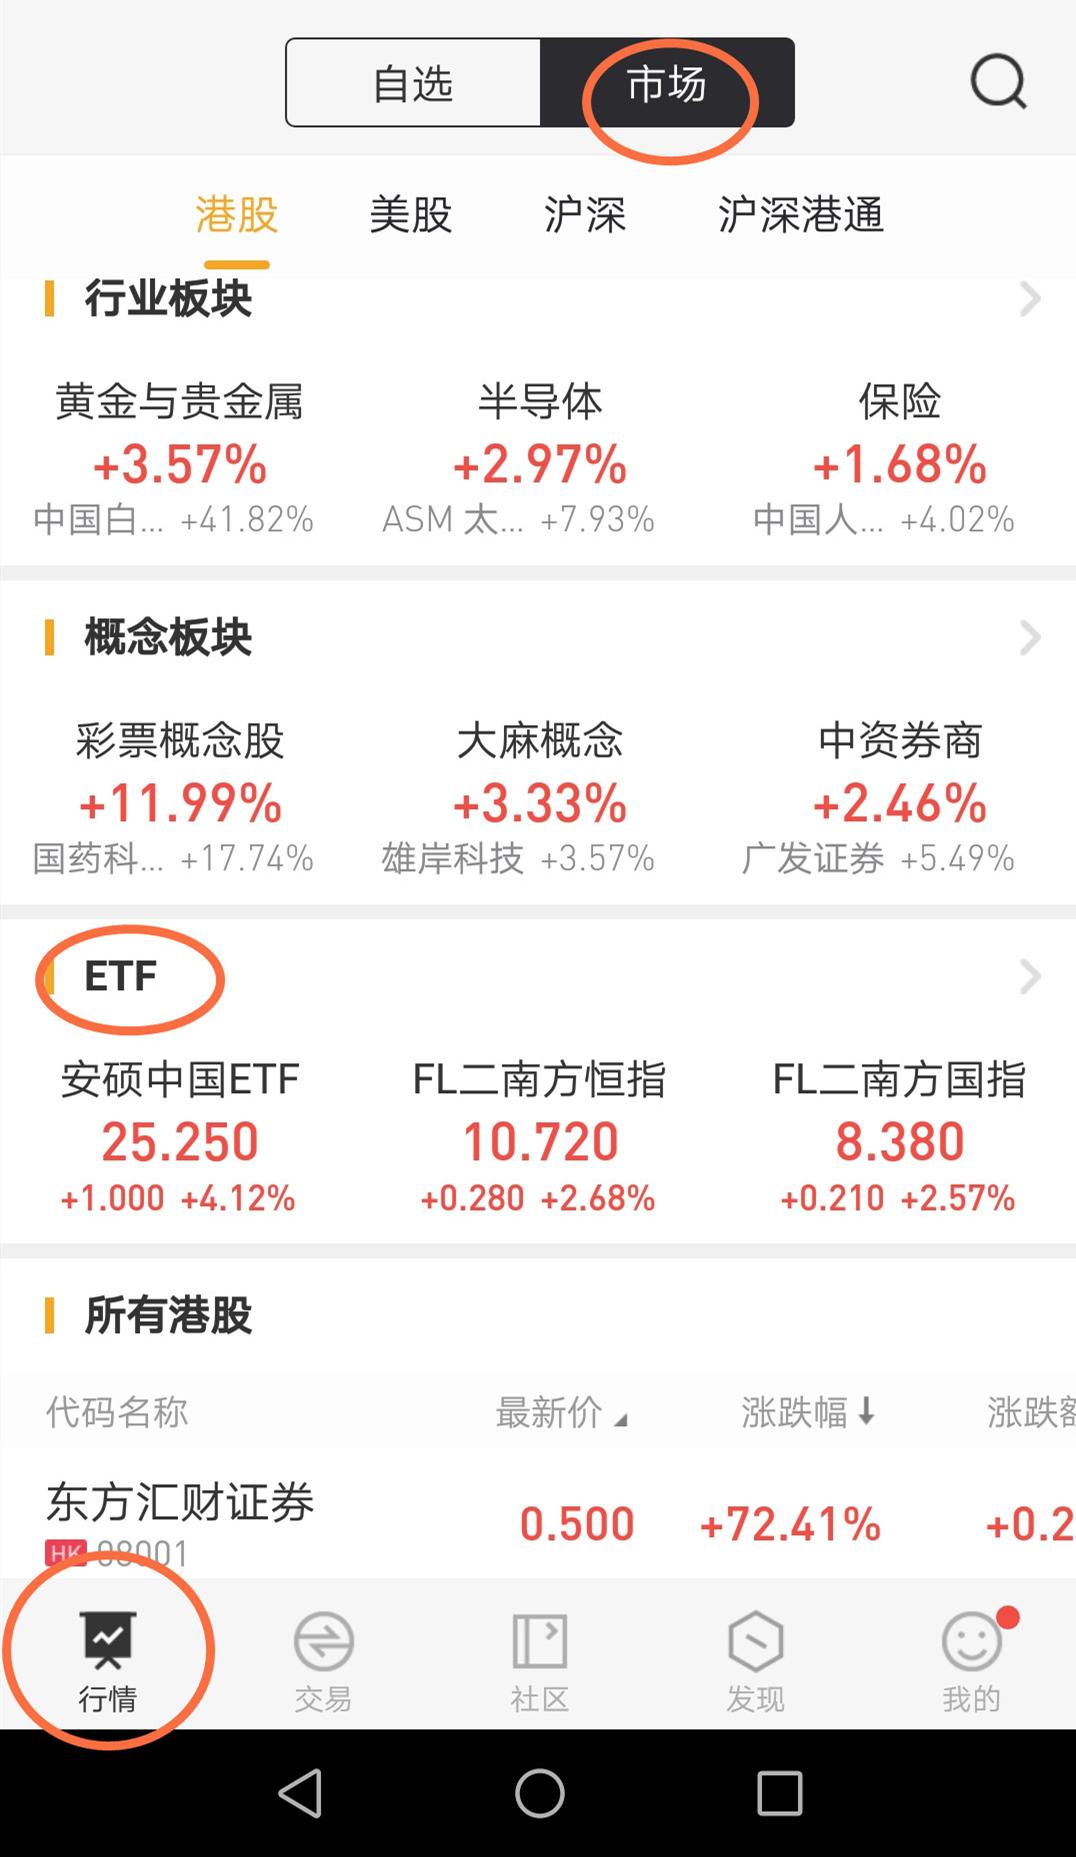 港股ETF